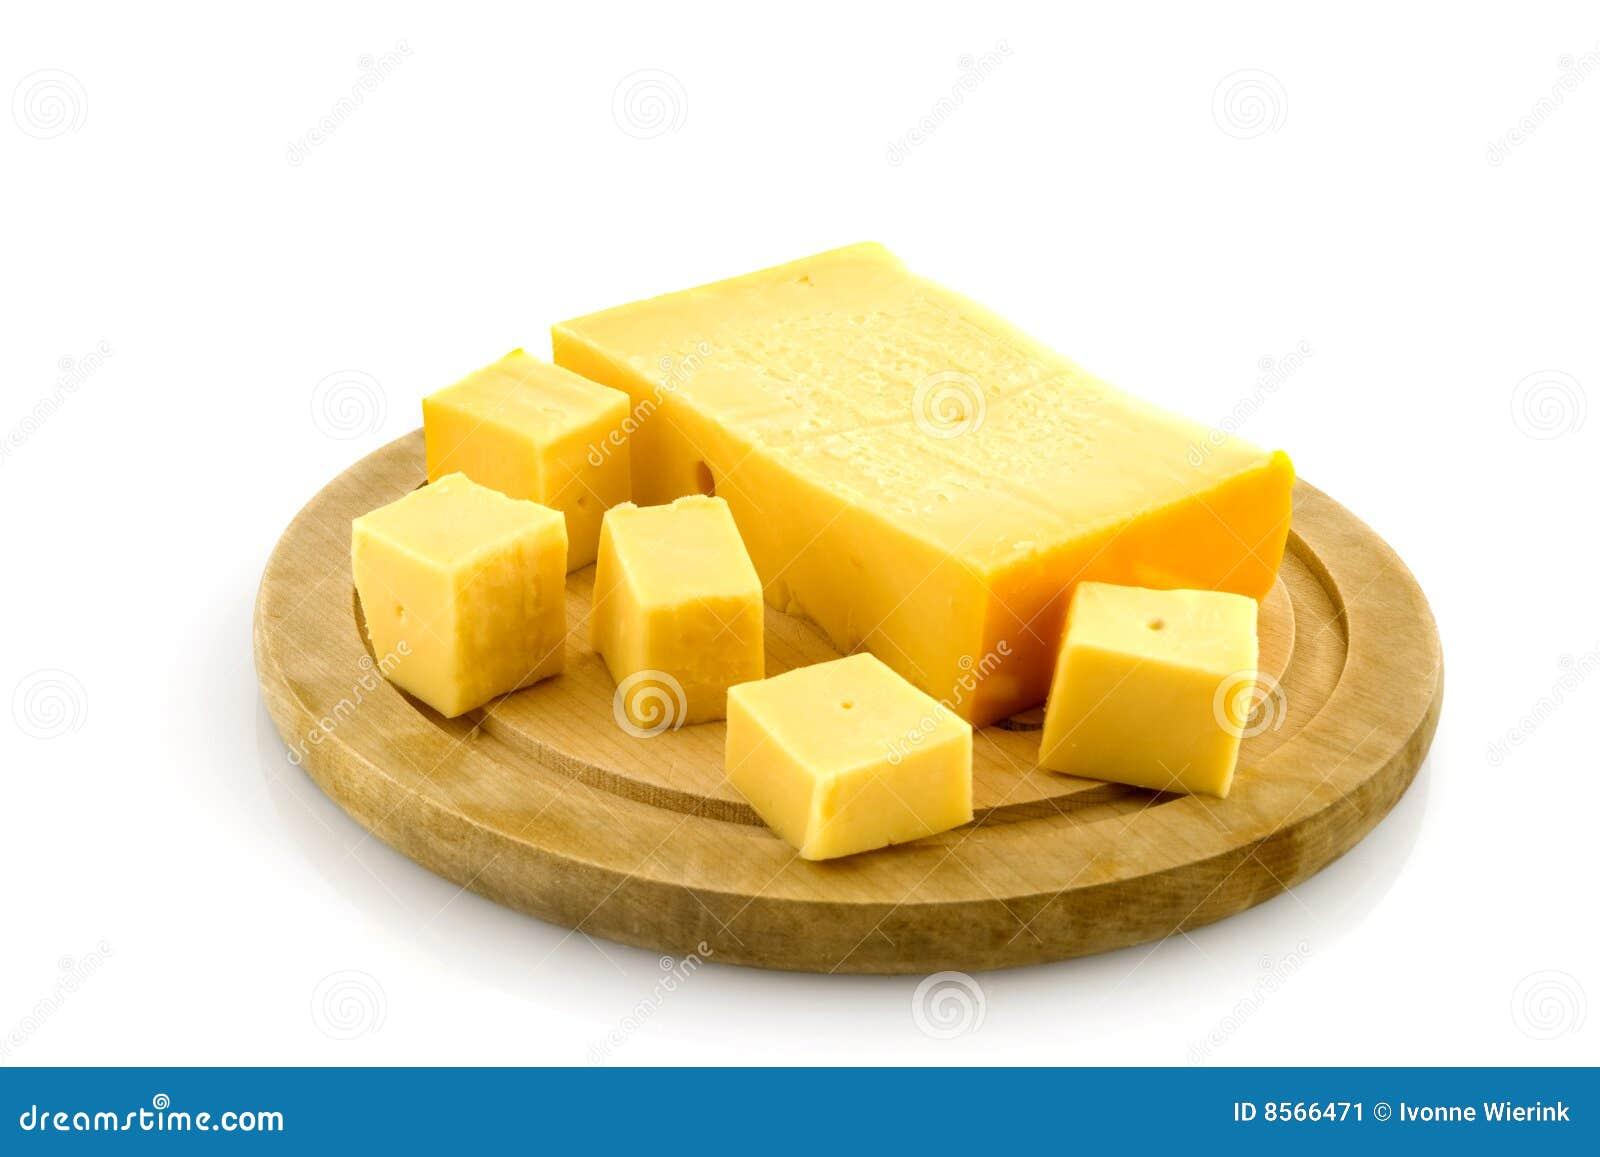 Placa de madera con queso